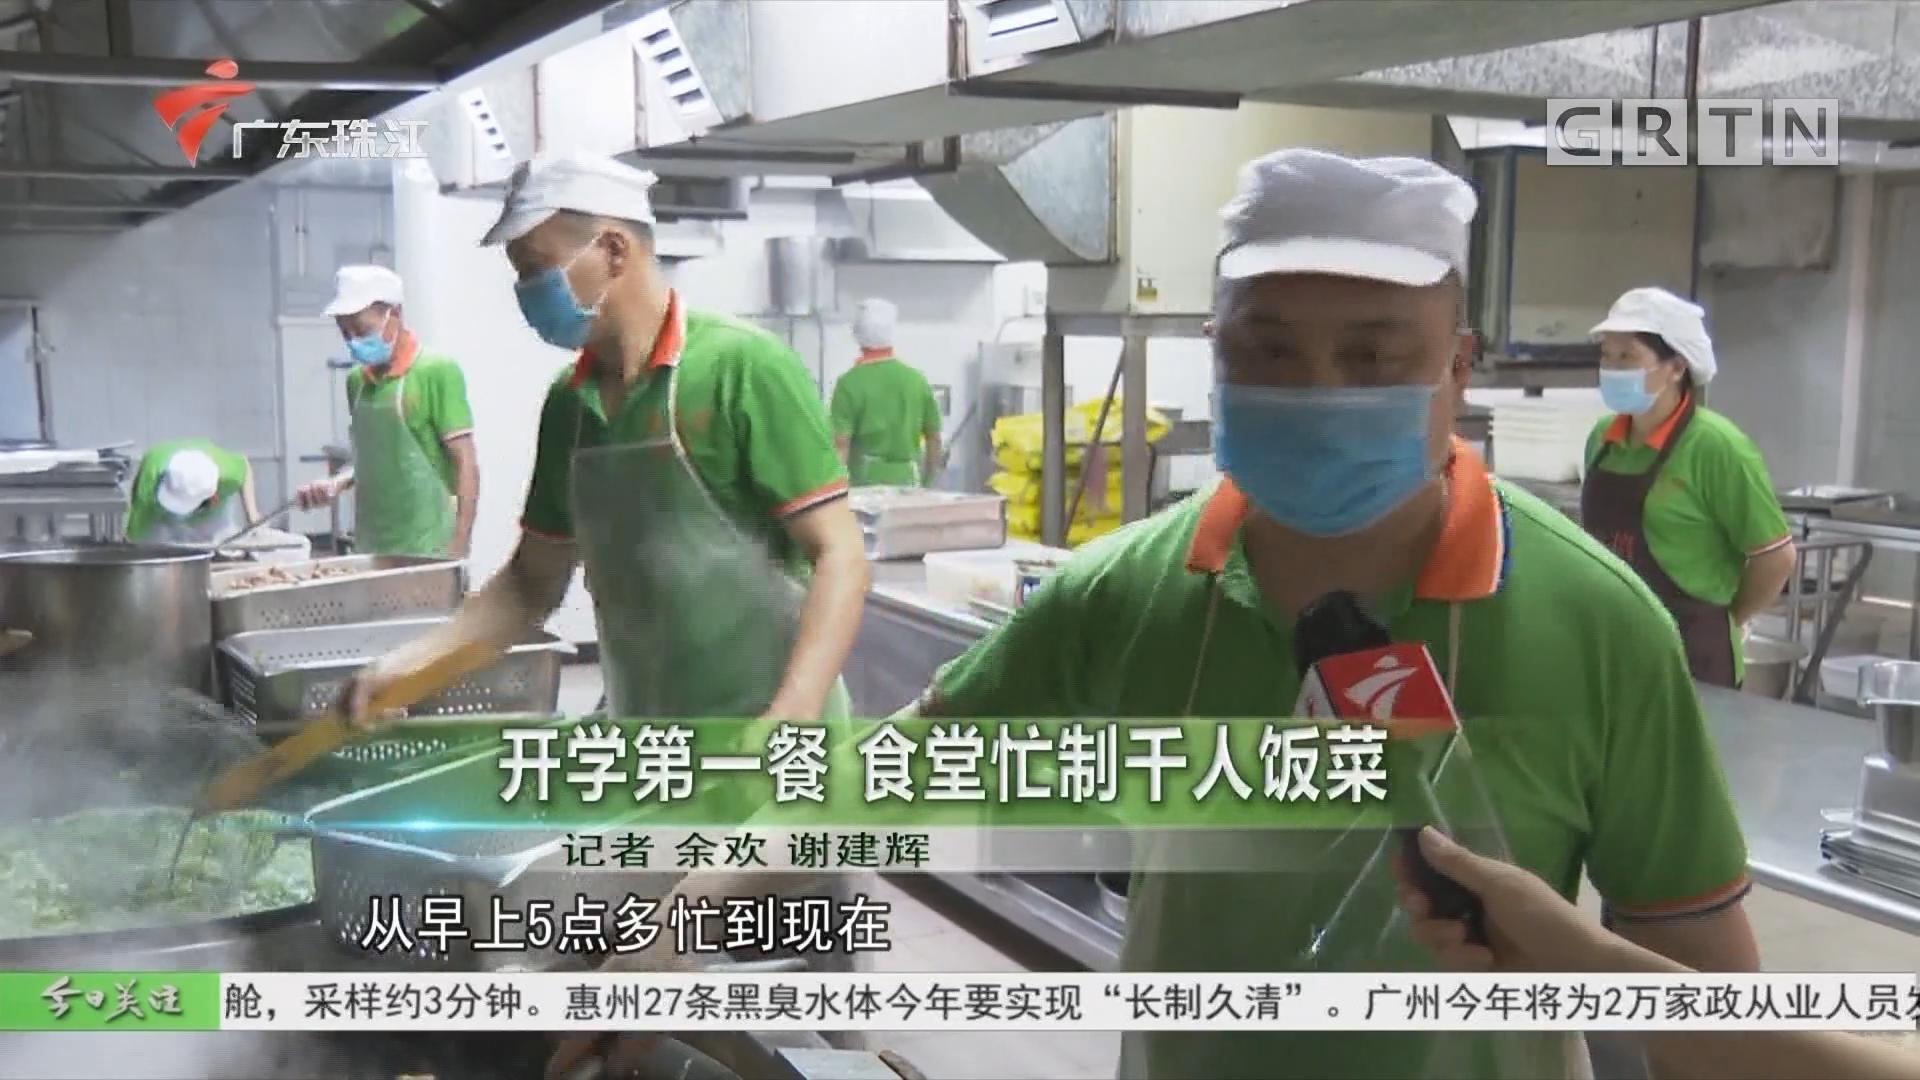 開學第一餐 食堂忙制千人飯菜